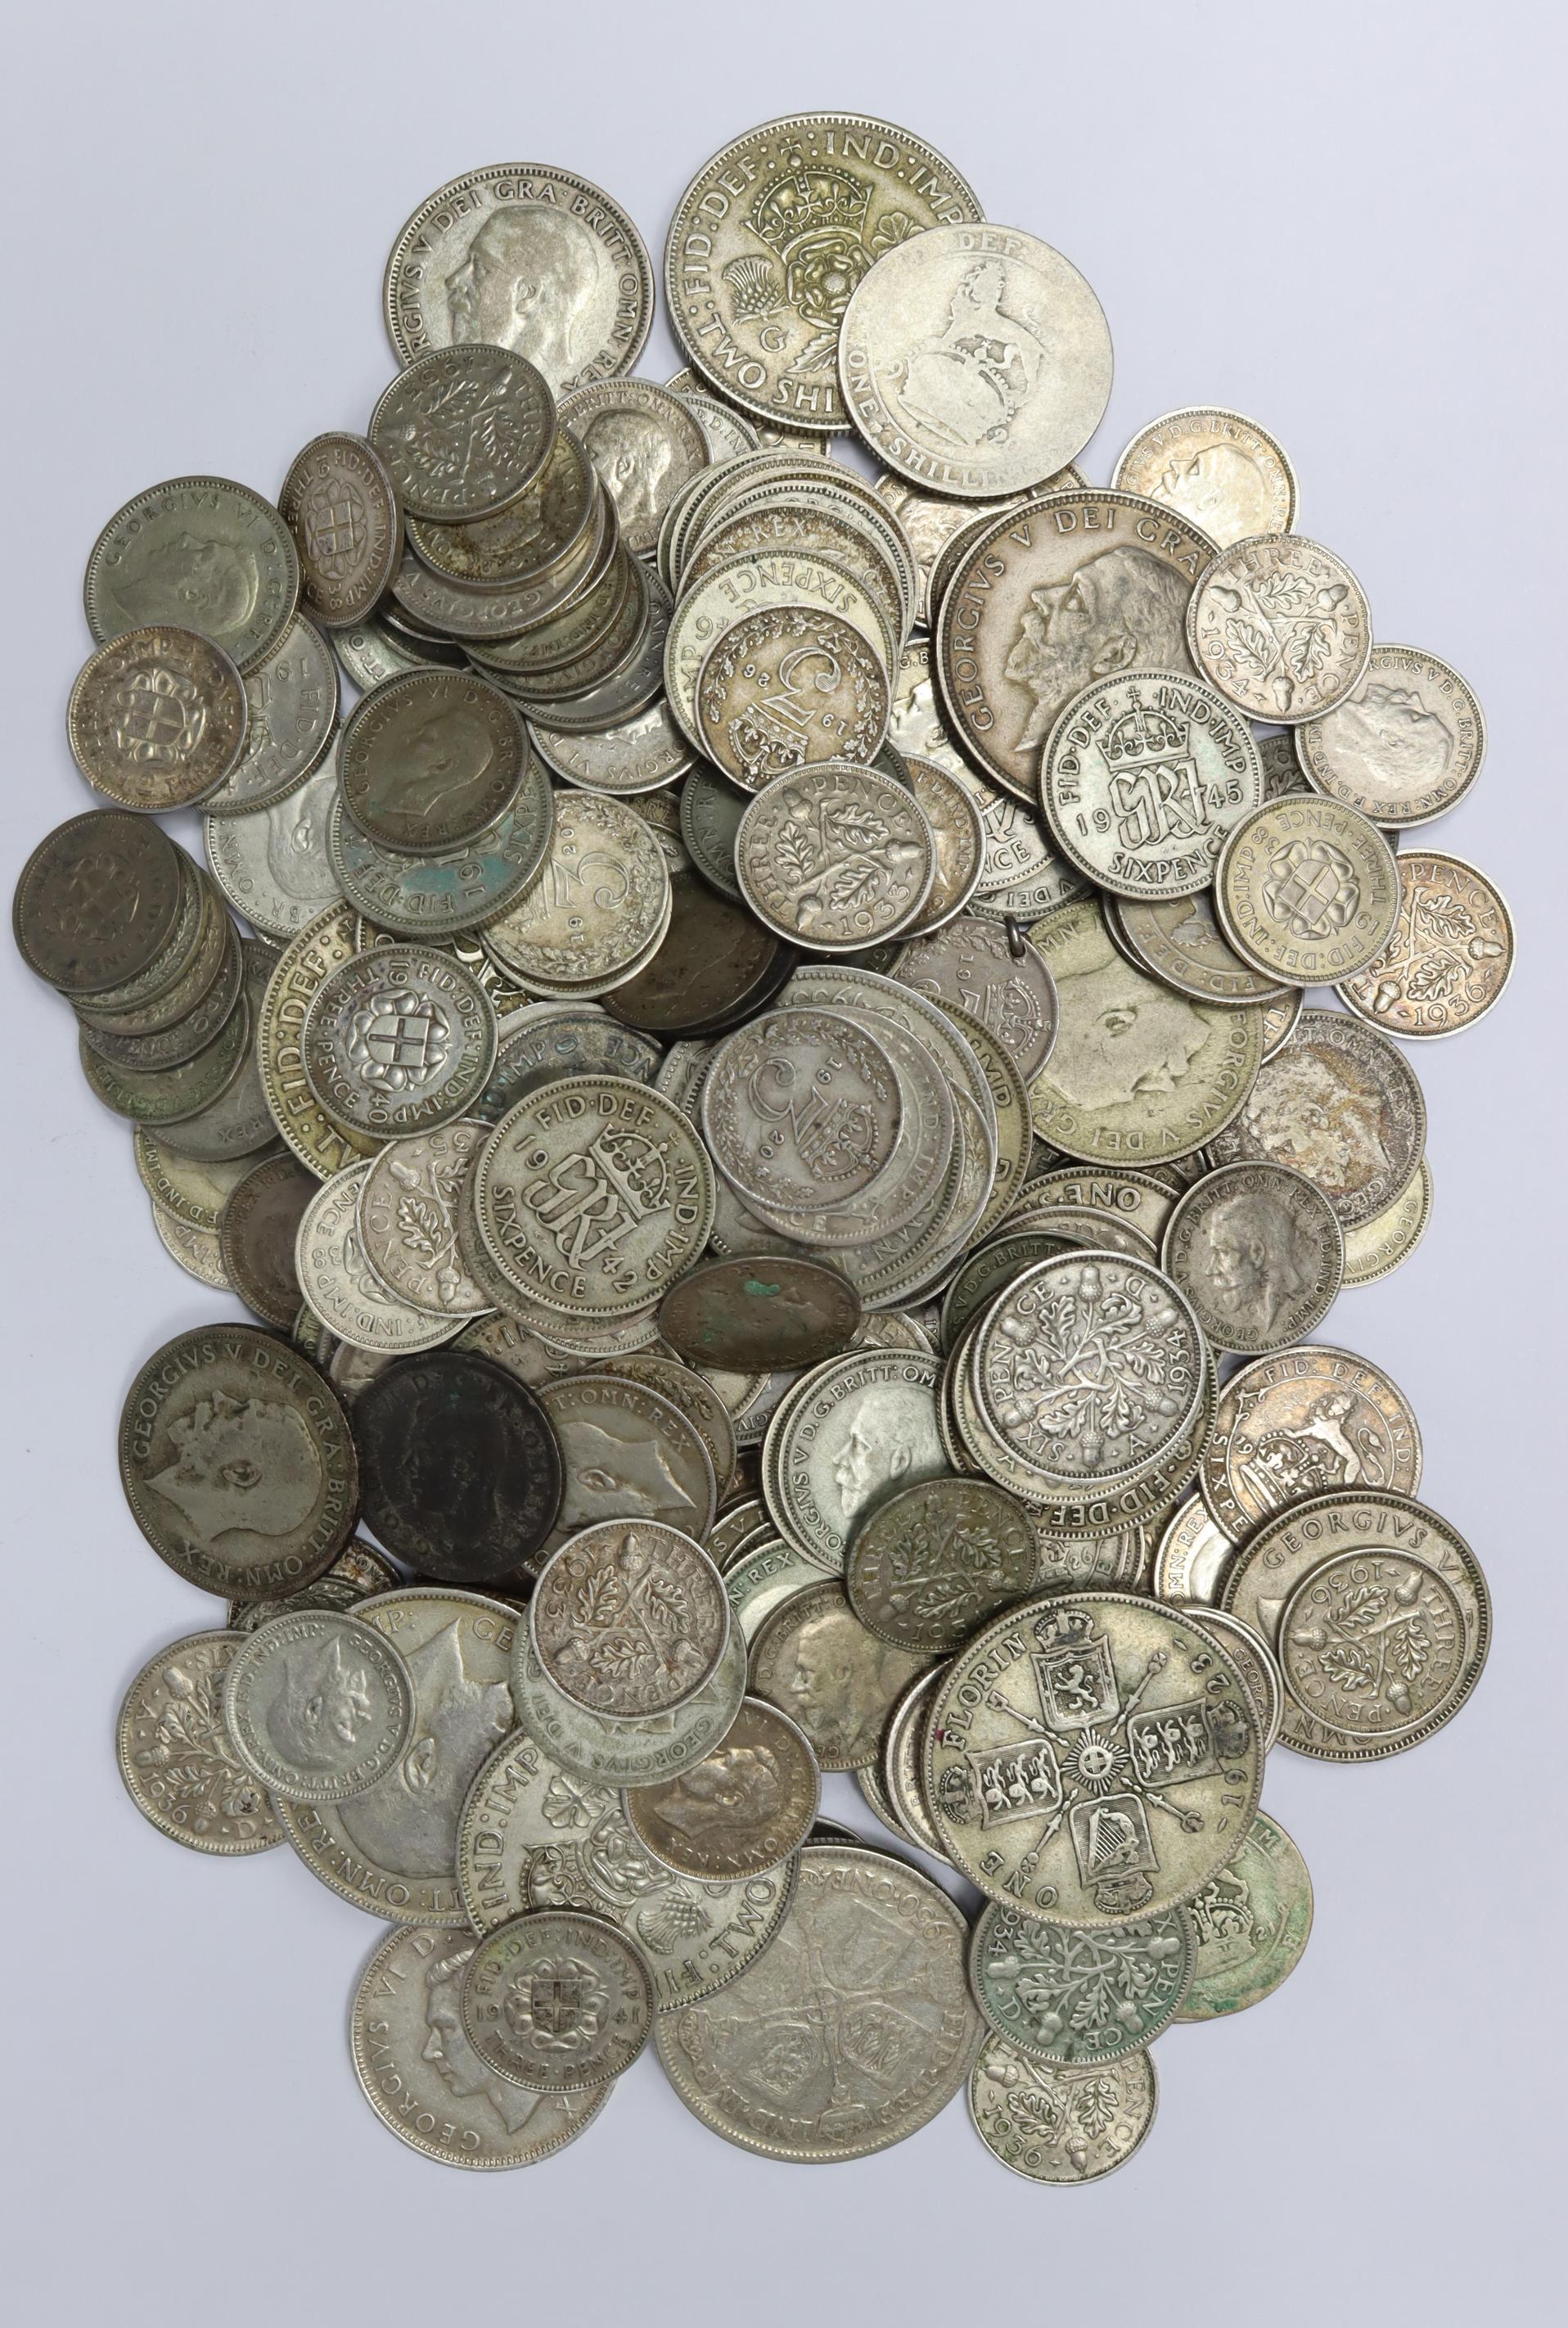 GB Pre-1947 Silver Coins 526.7g